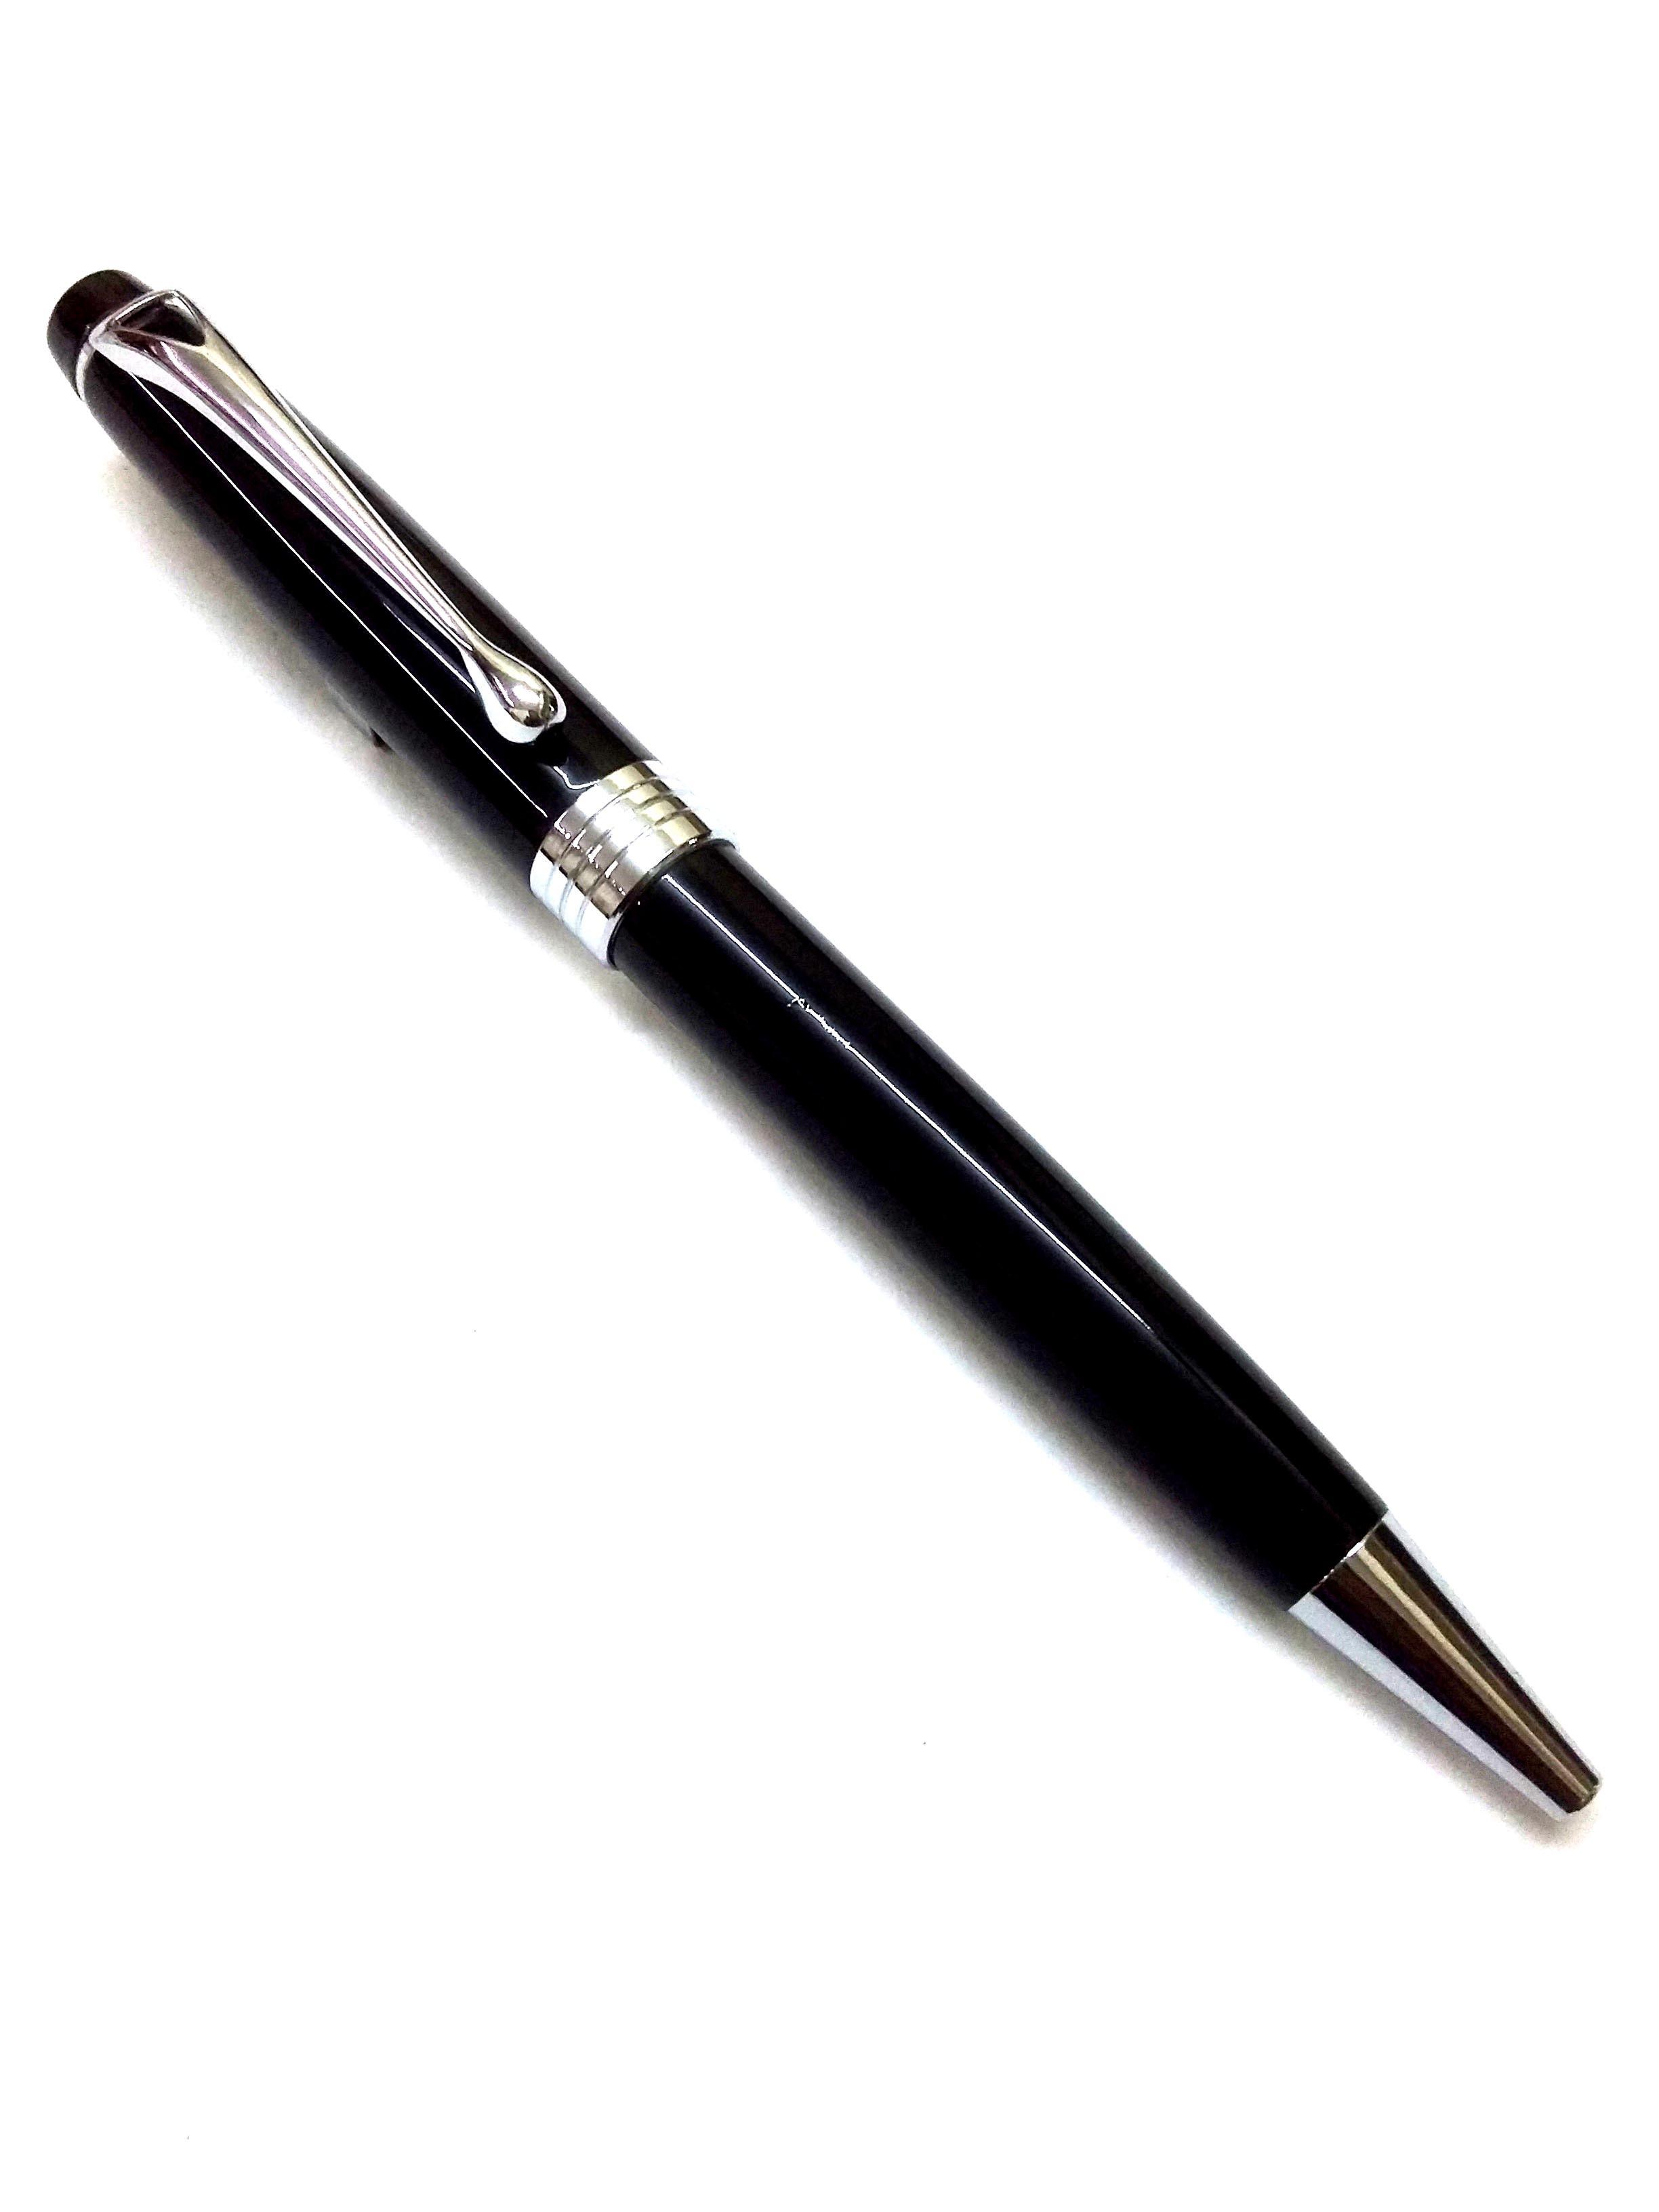 WM Ball Pen